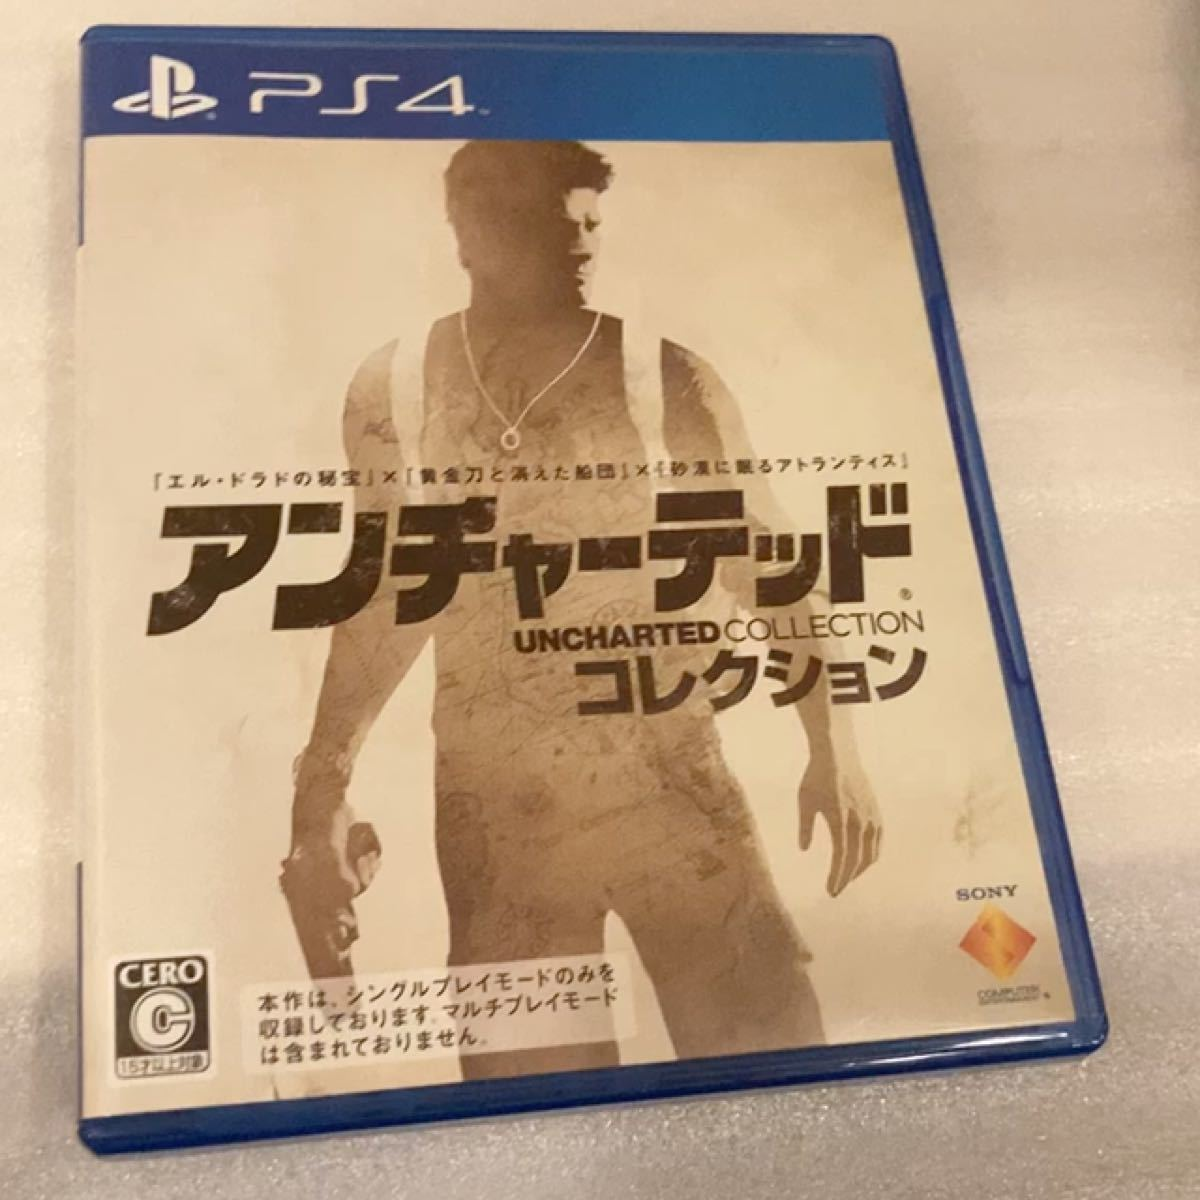 アンチャーテッドコレクション PS4